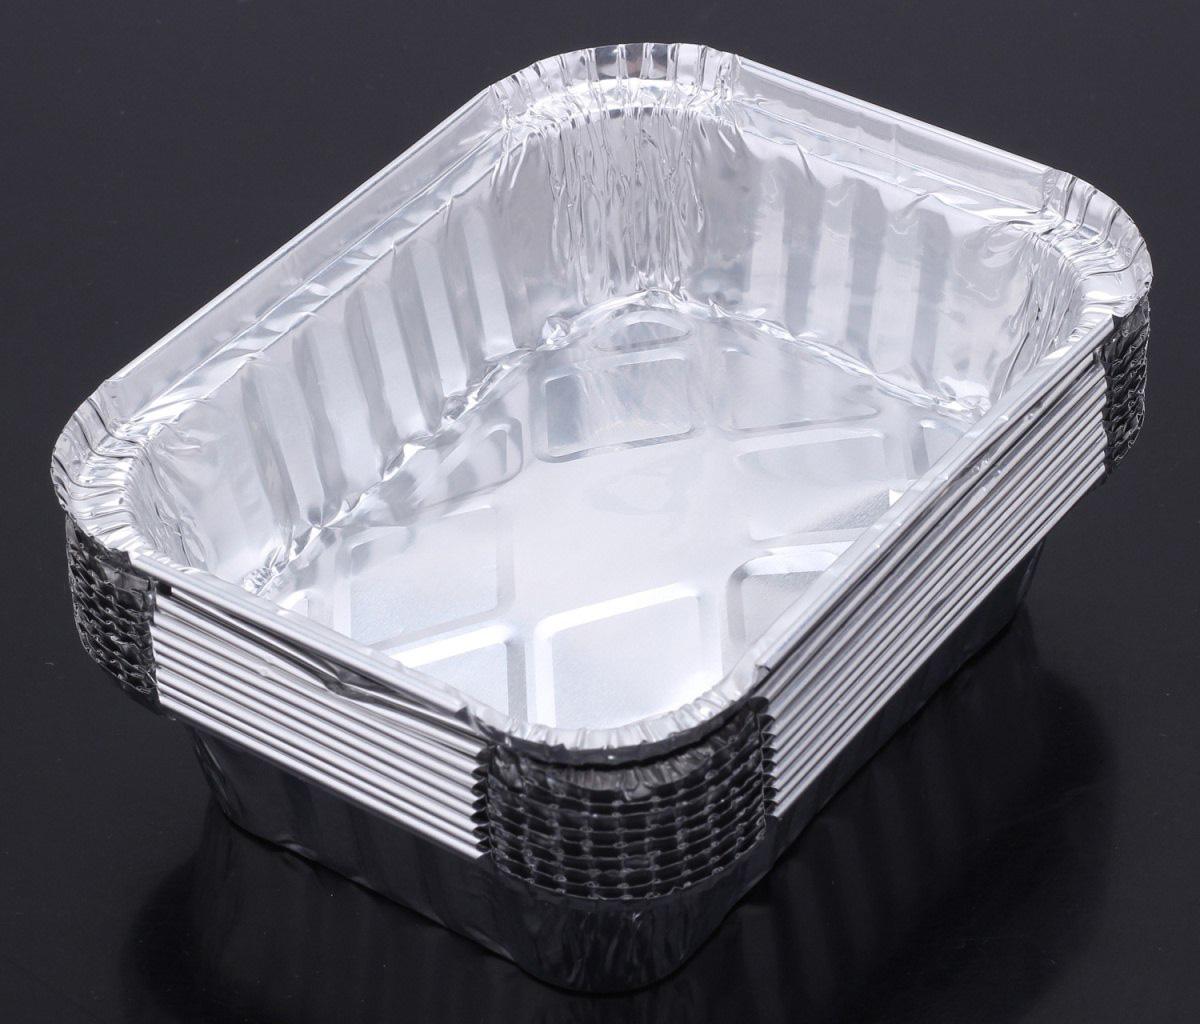 Одноразовая алюминиевая посуда